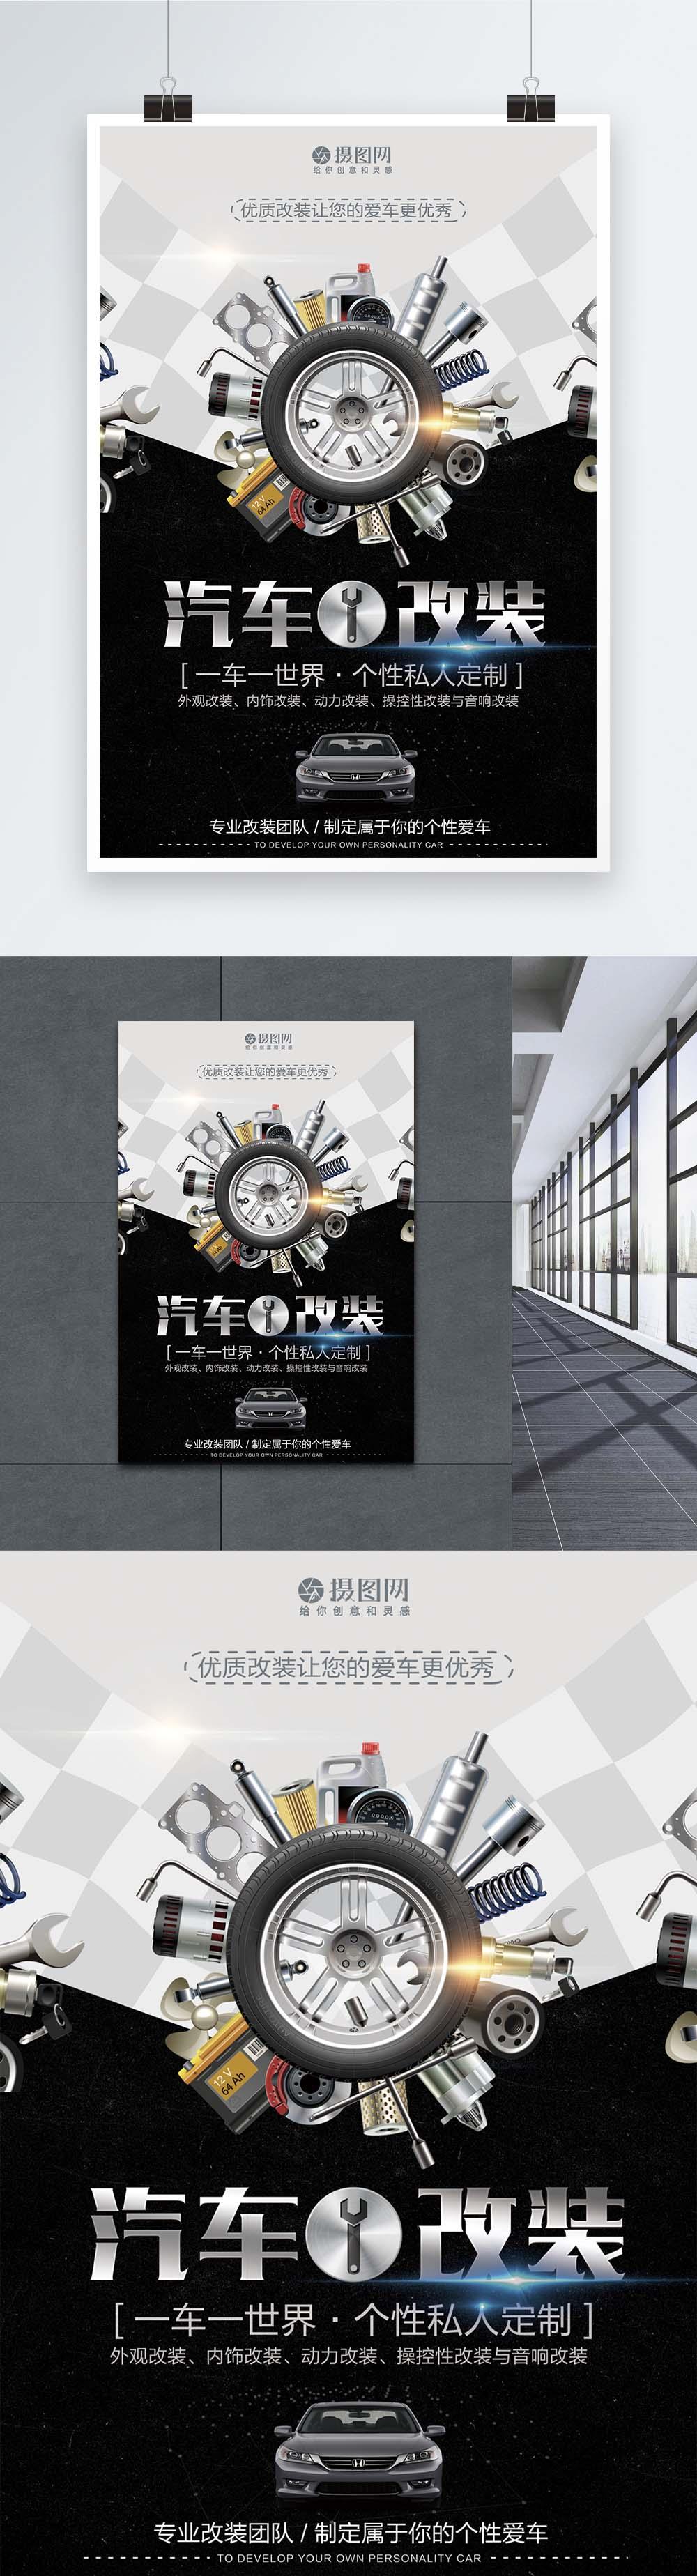 机器零件润滑油海报图片素材编号400150702_prf高清